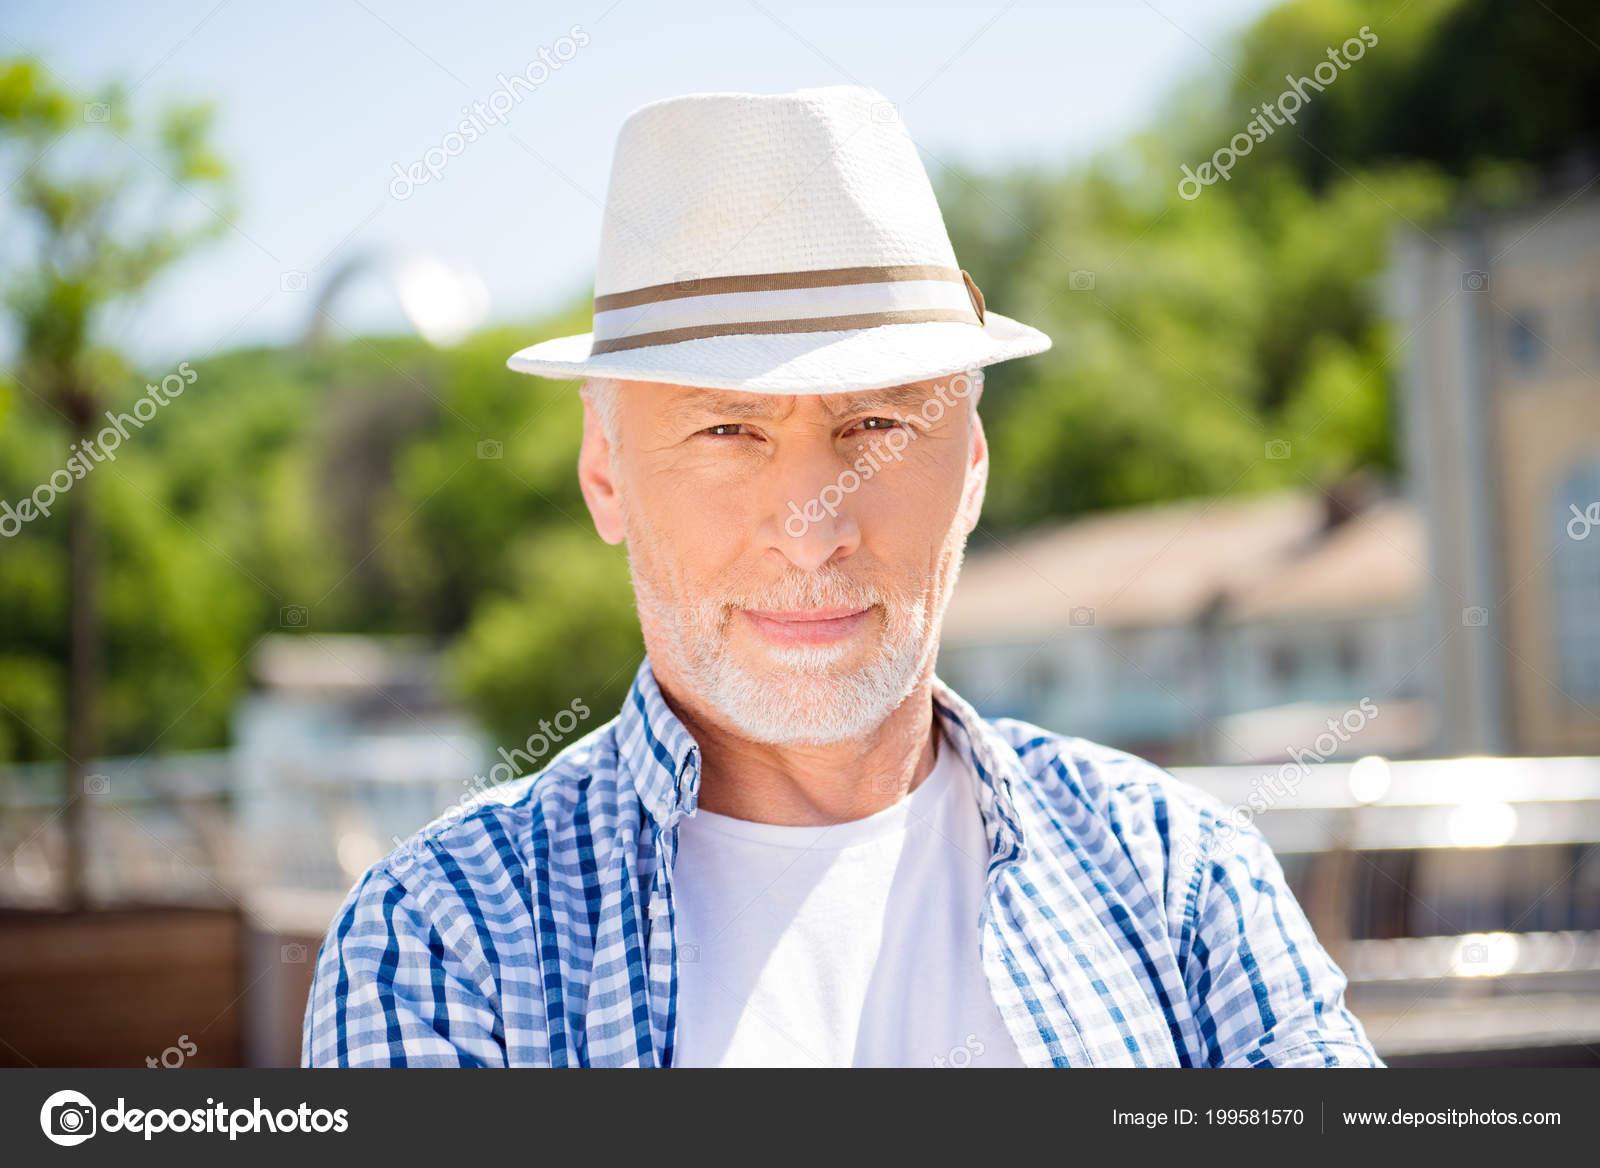 Testa colpo ritratto di uomo d affari concentrato attraente in cappello di  paglia sopra priorità bassa strada vaga che guarda l obbiettivo. 6d63b27259a3